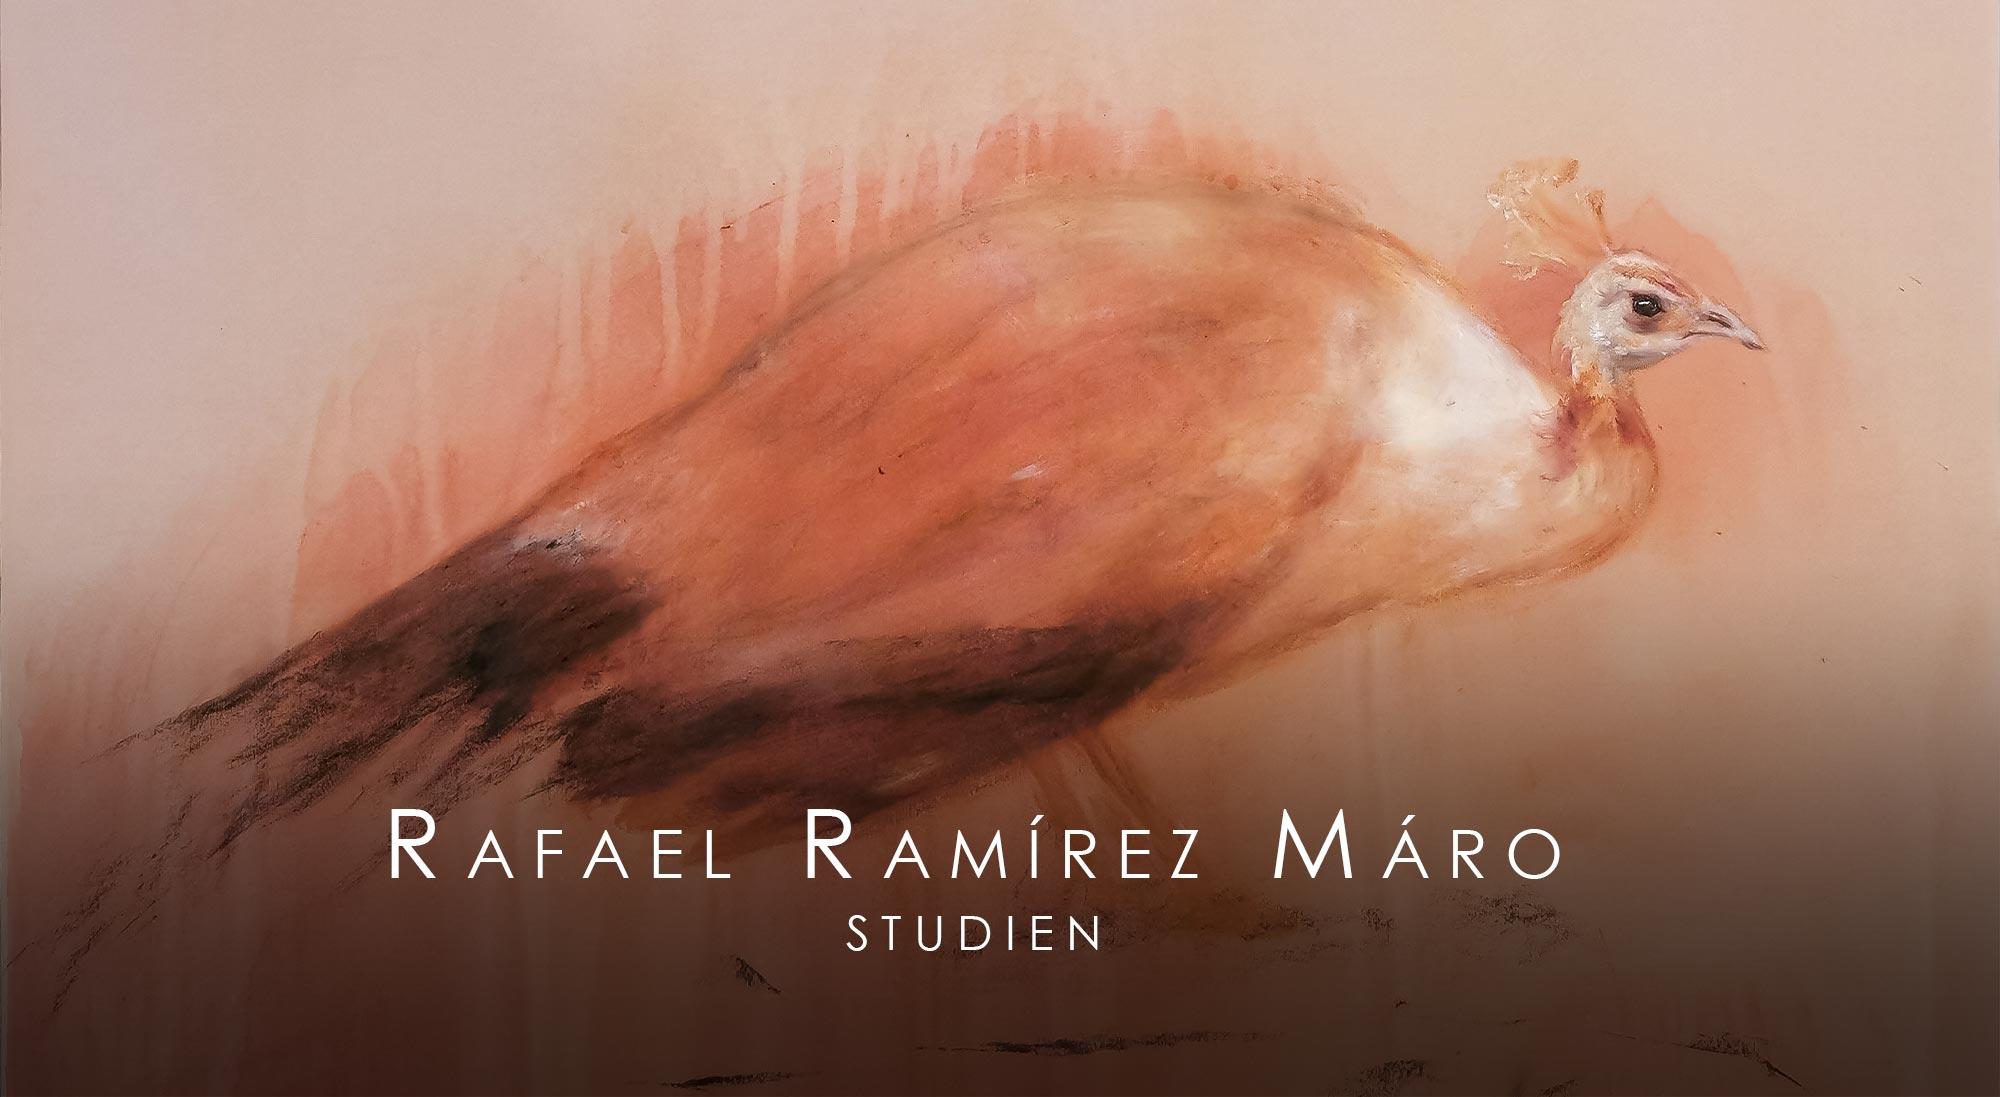 """Titelbild der Ausstellung """"Studien"""" von Rafael Ramírez Máro"""